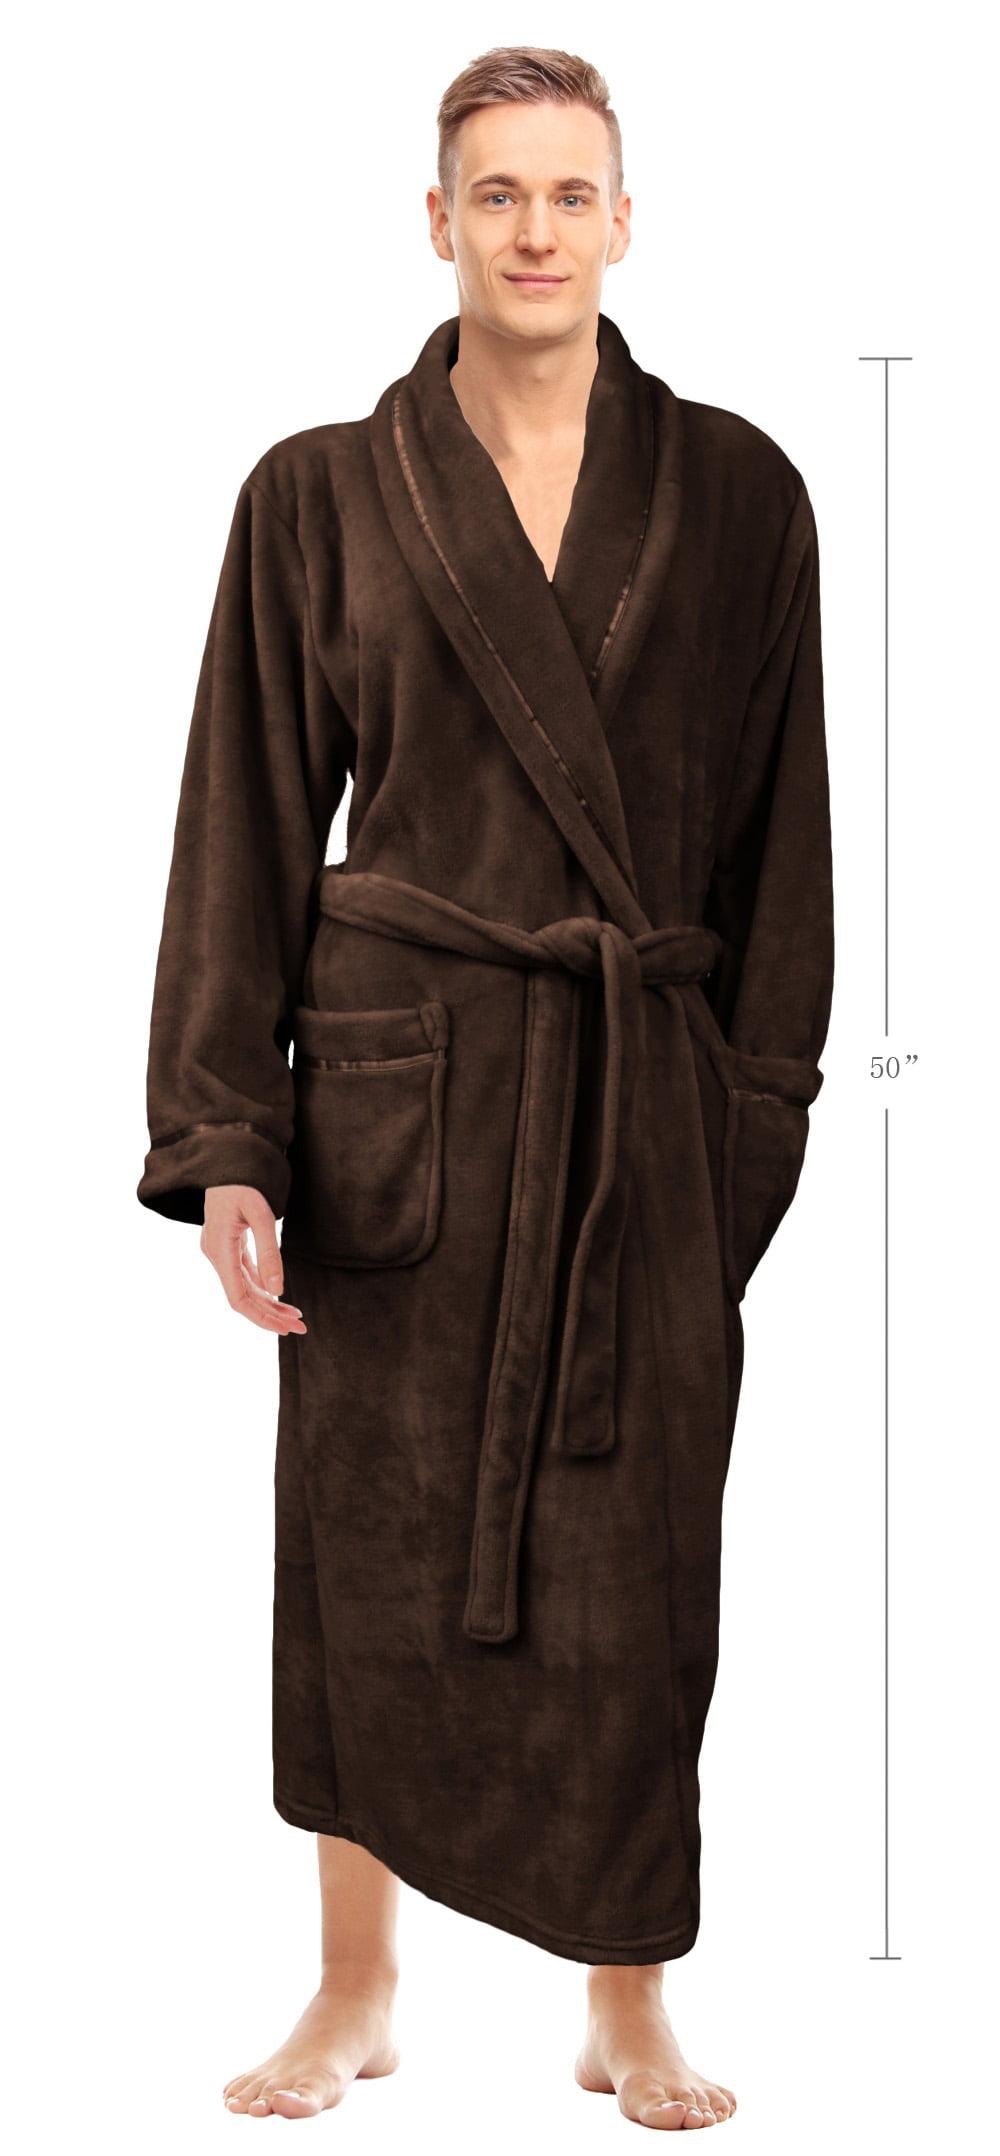 Napa mens super soft warm microfiber fleece plush bathrobe napa mens super soft warm microfiber fleece plush bathrobe lightweight spa shawl robe sleepwear walmart sciox Image collections